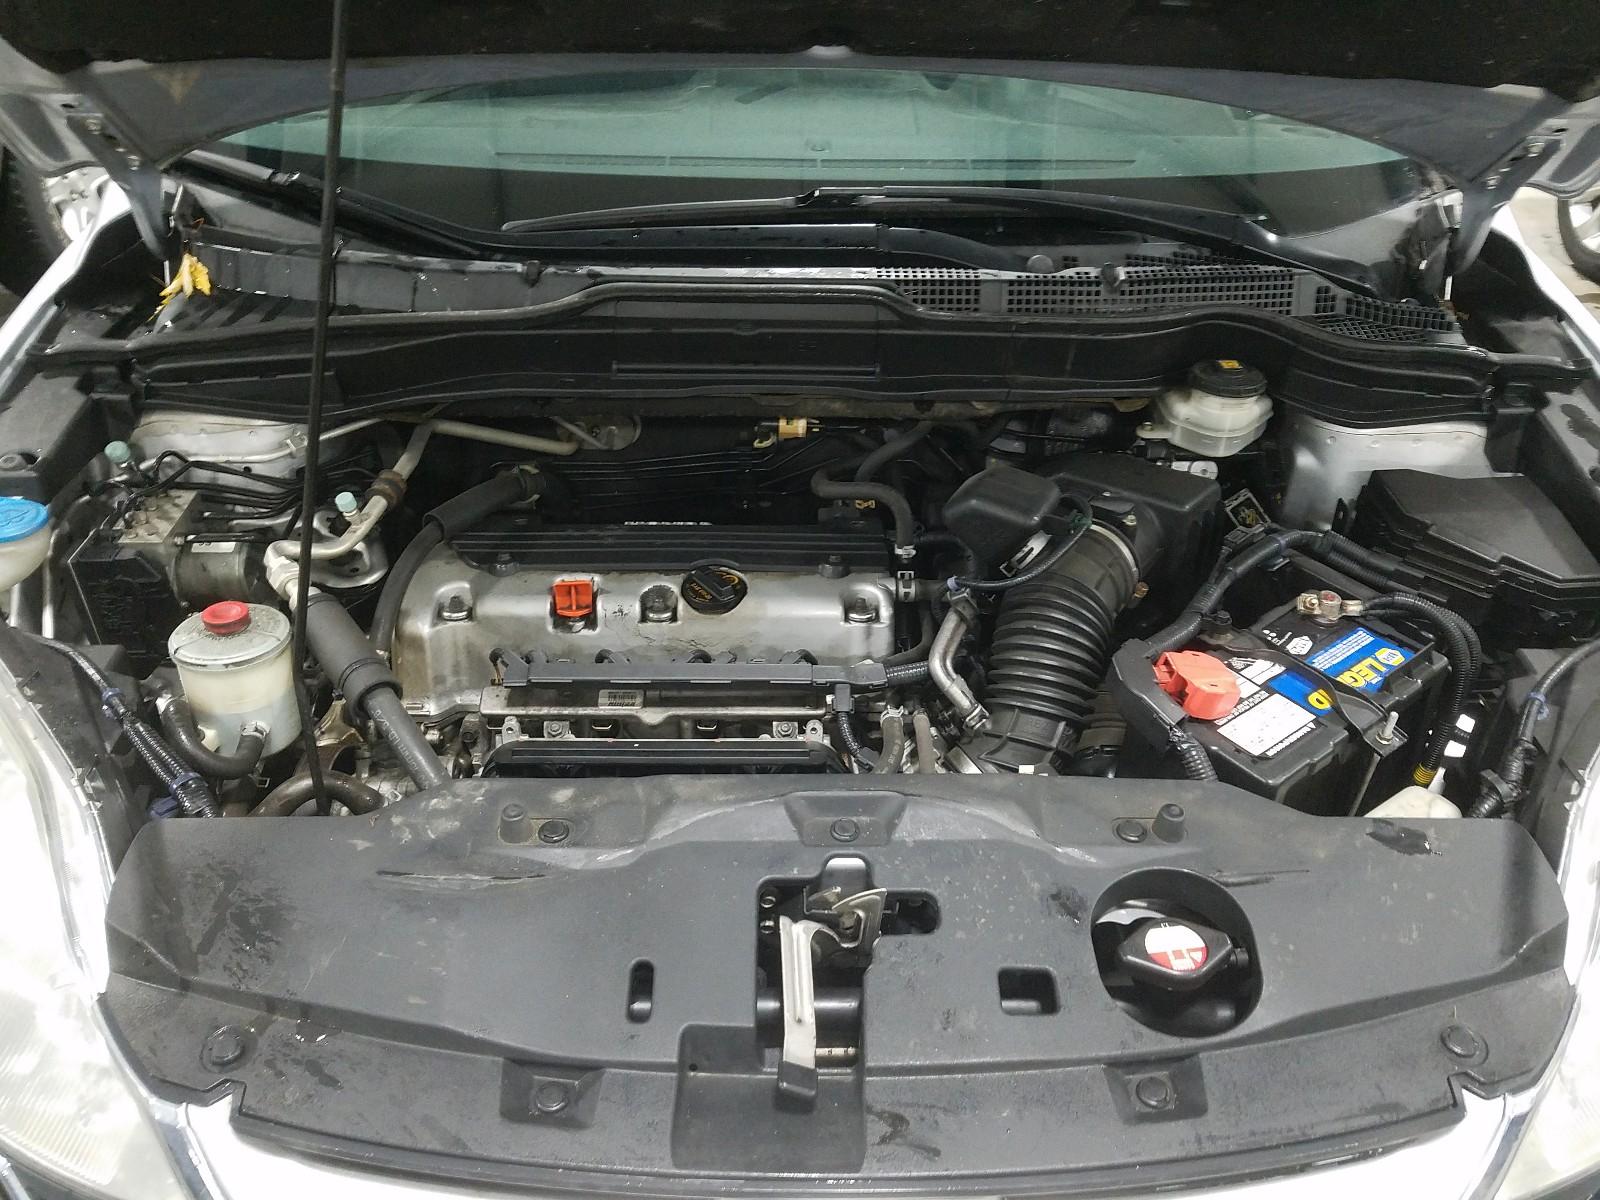 3CZRE4H5XAG700888 - 2010 Honda Cr-V Ex 2.4L inside view